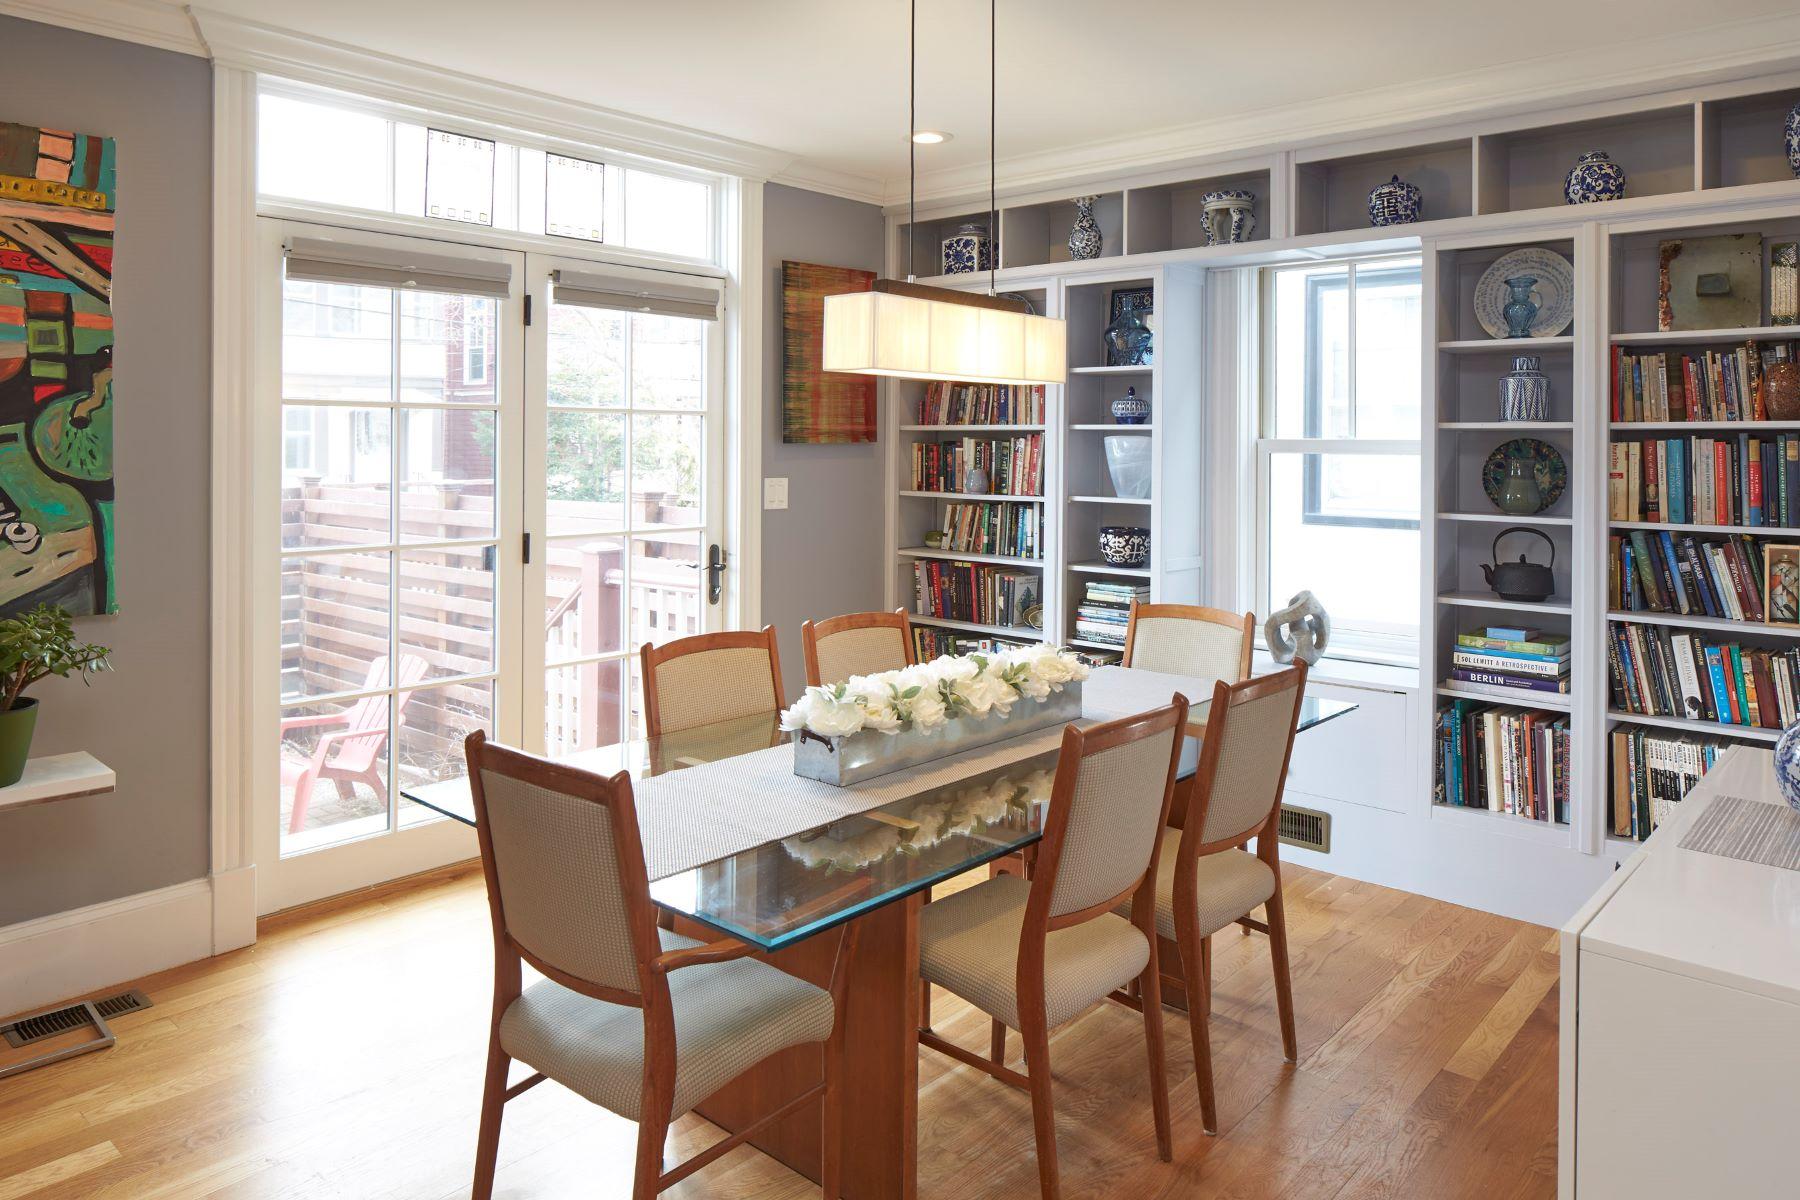 Частный односемейный дом для того Продажа на 43 Dover Street, Cambridge 43 Dover St 43 Cambridge, Массачусетс 02140 Соединенные Штаты